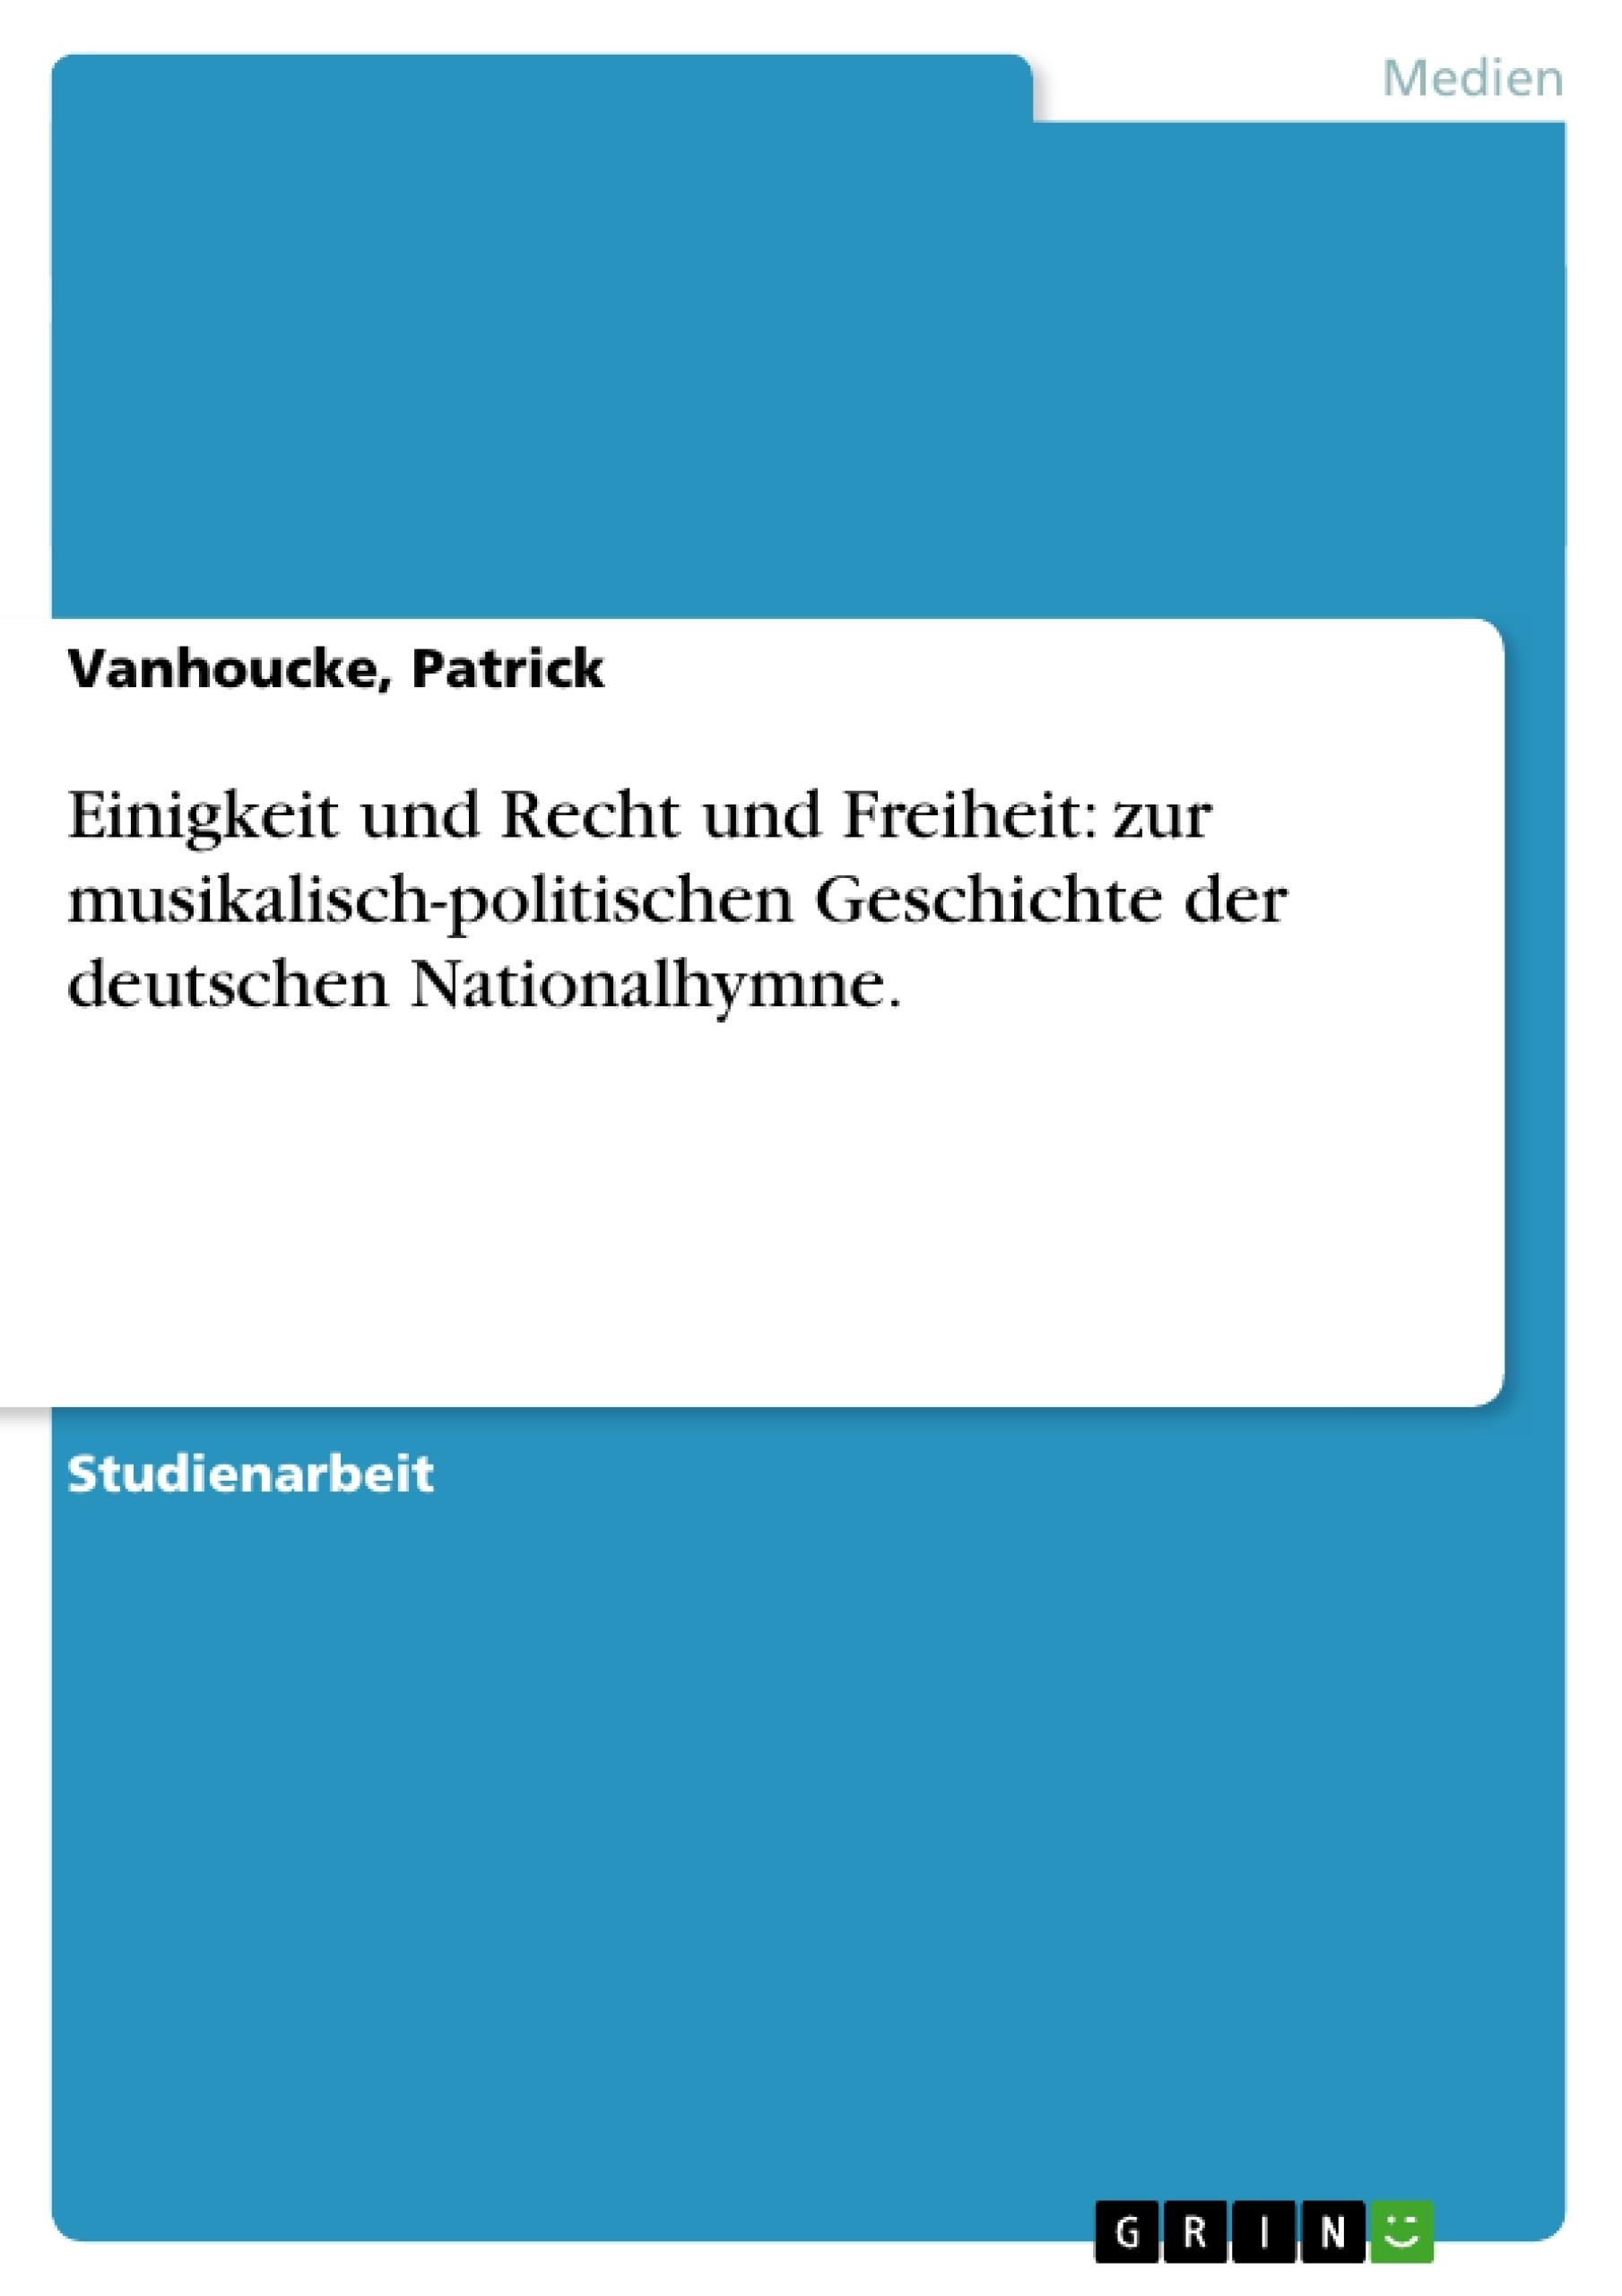 Titel: Einigkeit und Recht und Freiheit: zur musikalisch-politischen Geschichte der deutschen Nationalhymne.